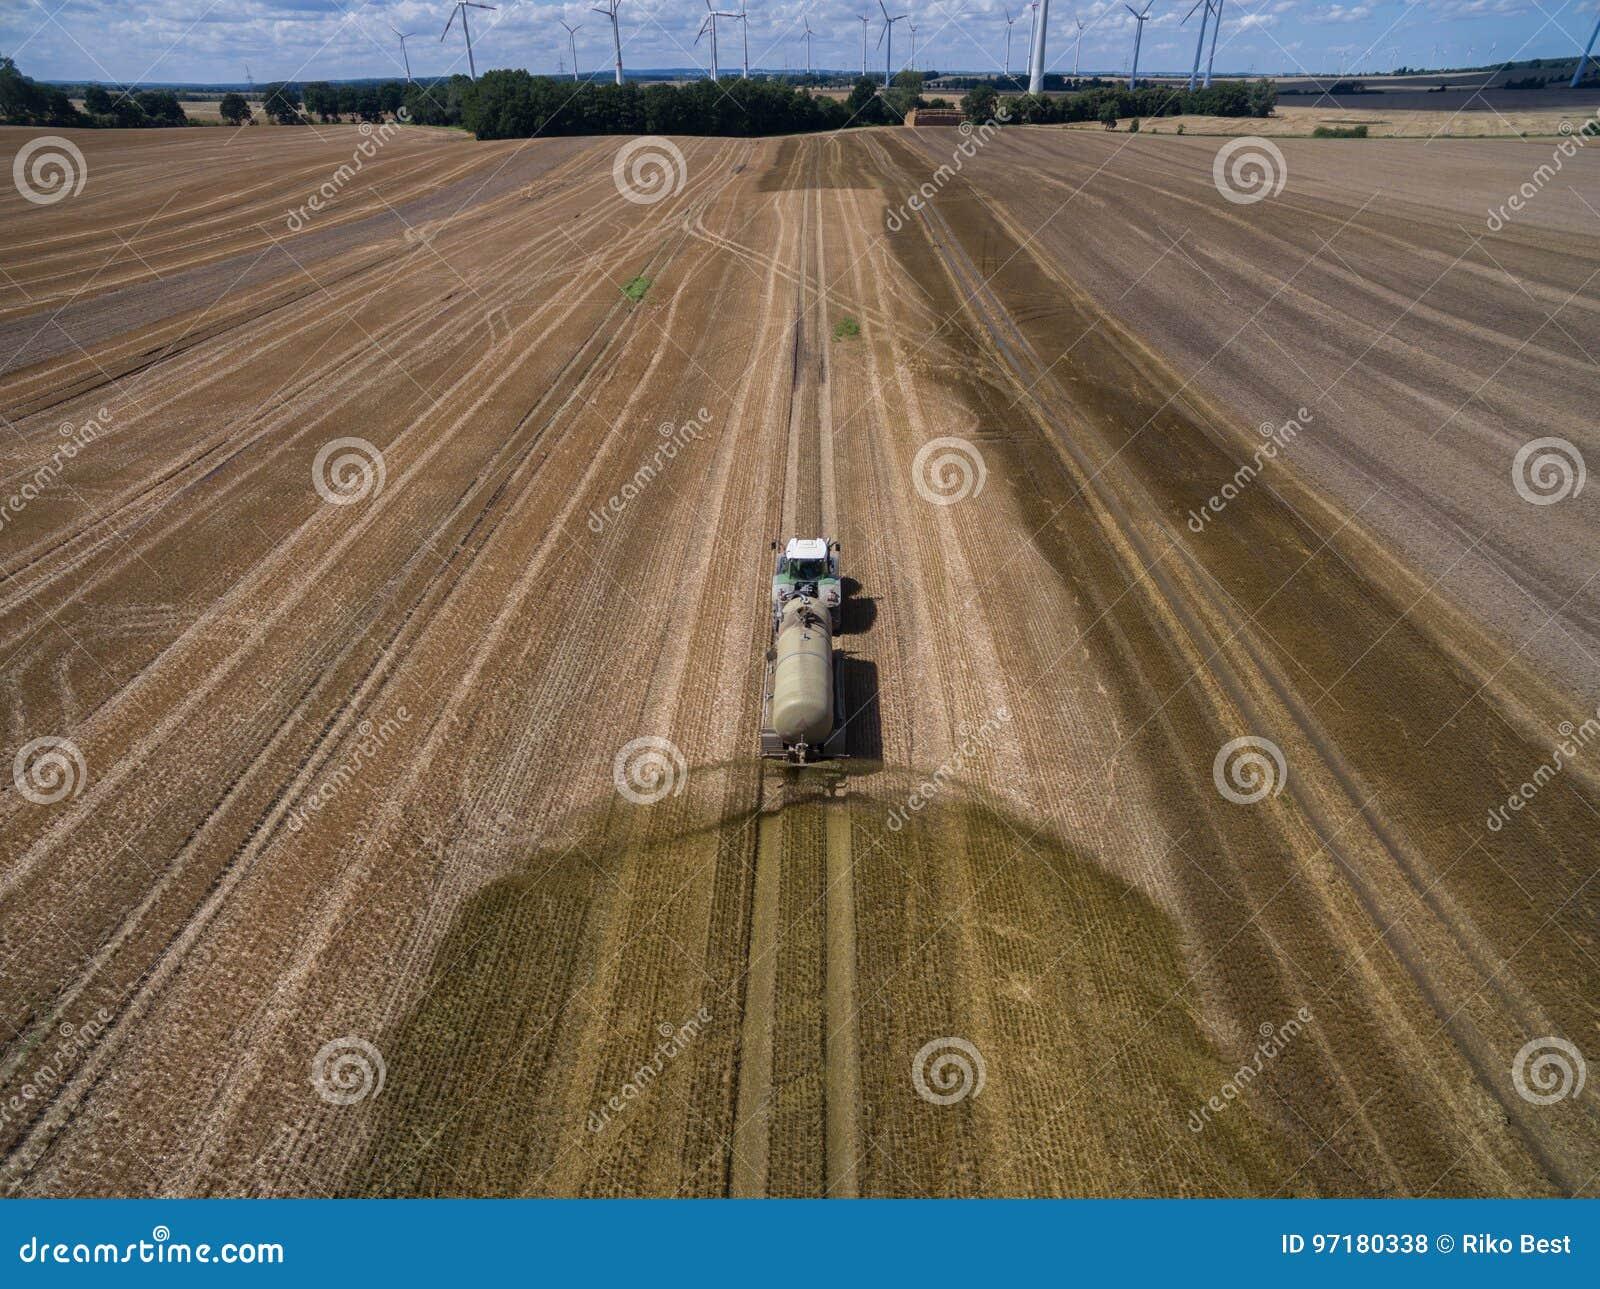 La vista aerea di un trattore agricolo con un rimorchio fertilizza un campo agriculural di recente arato con concime